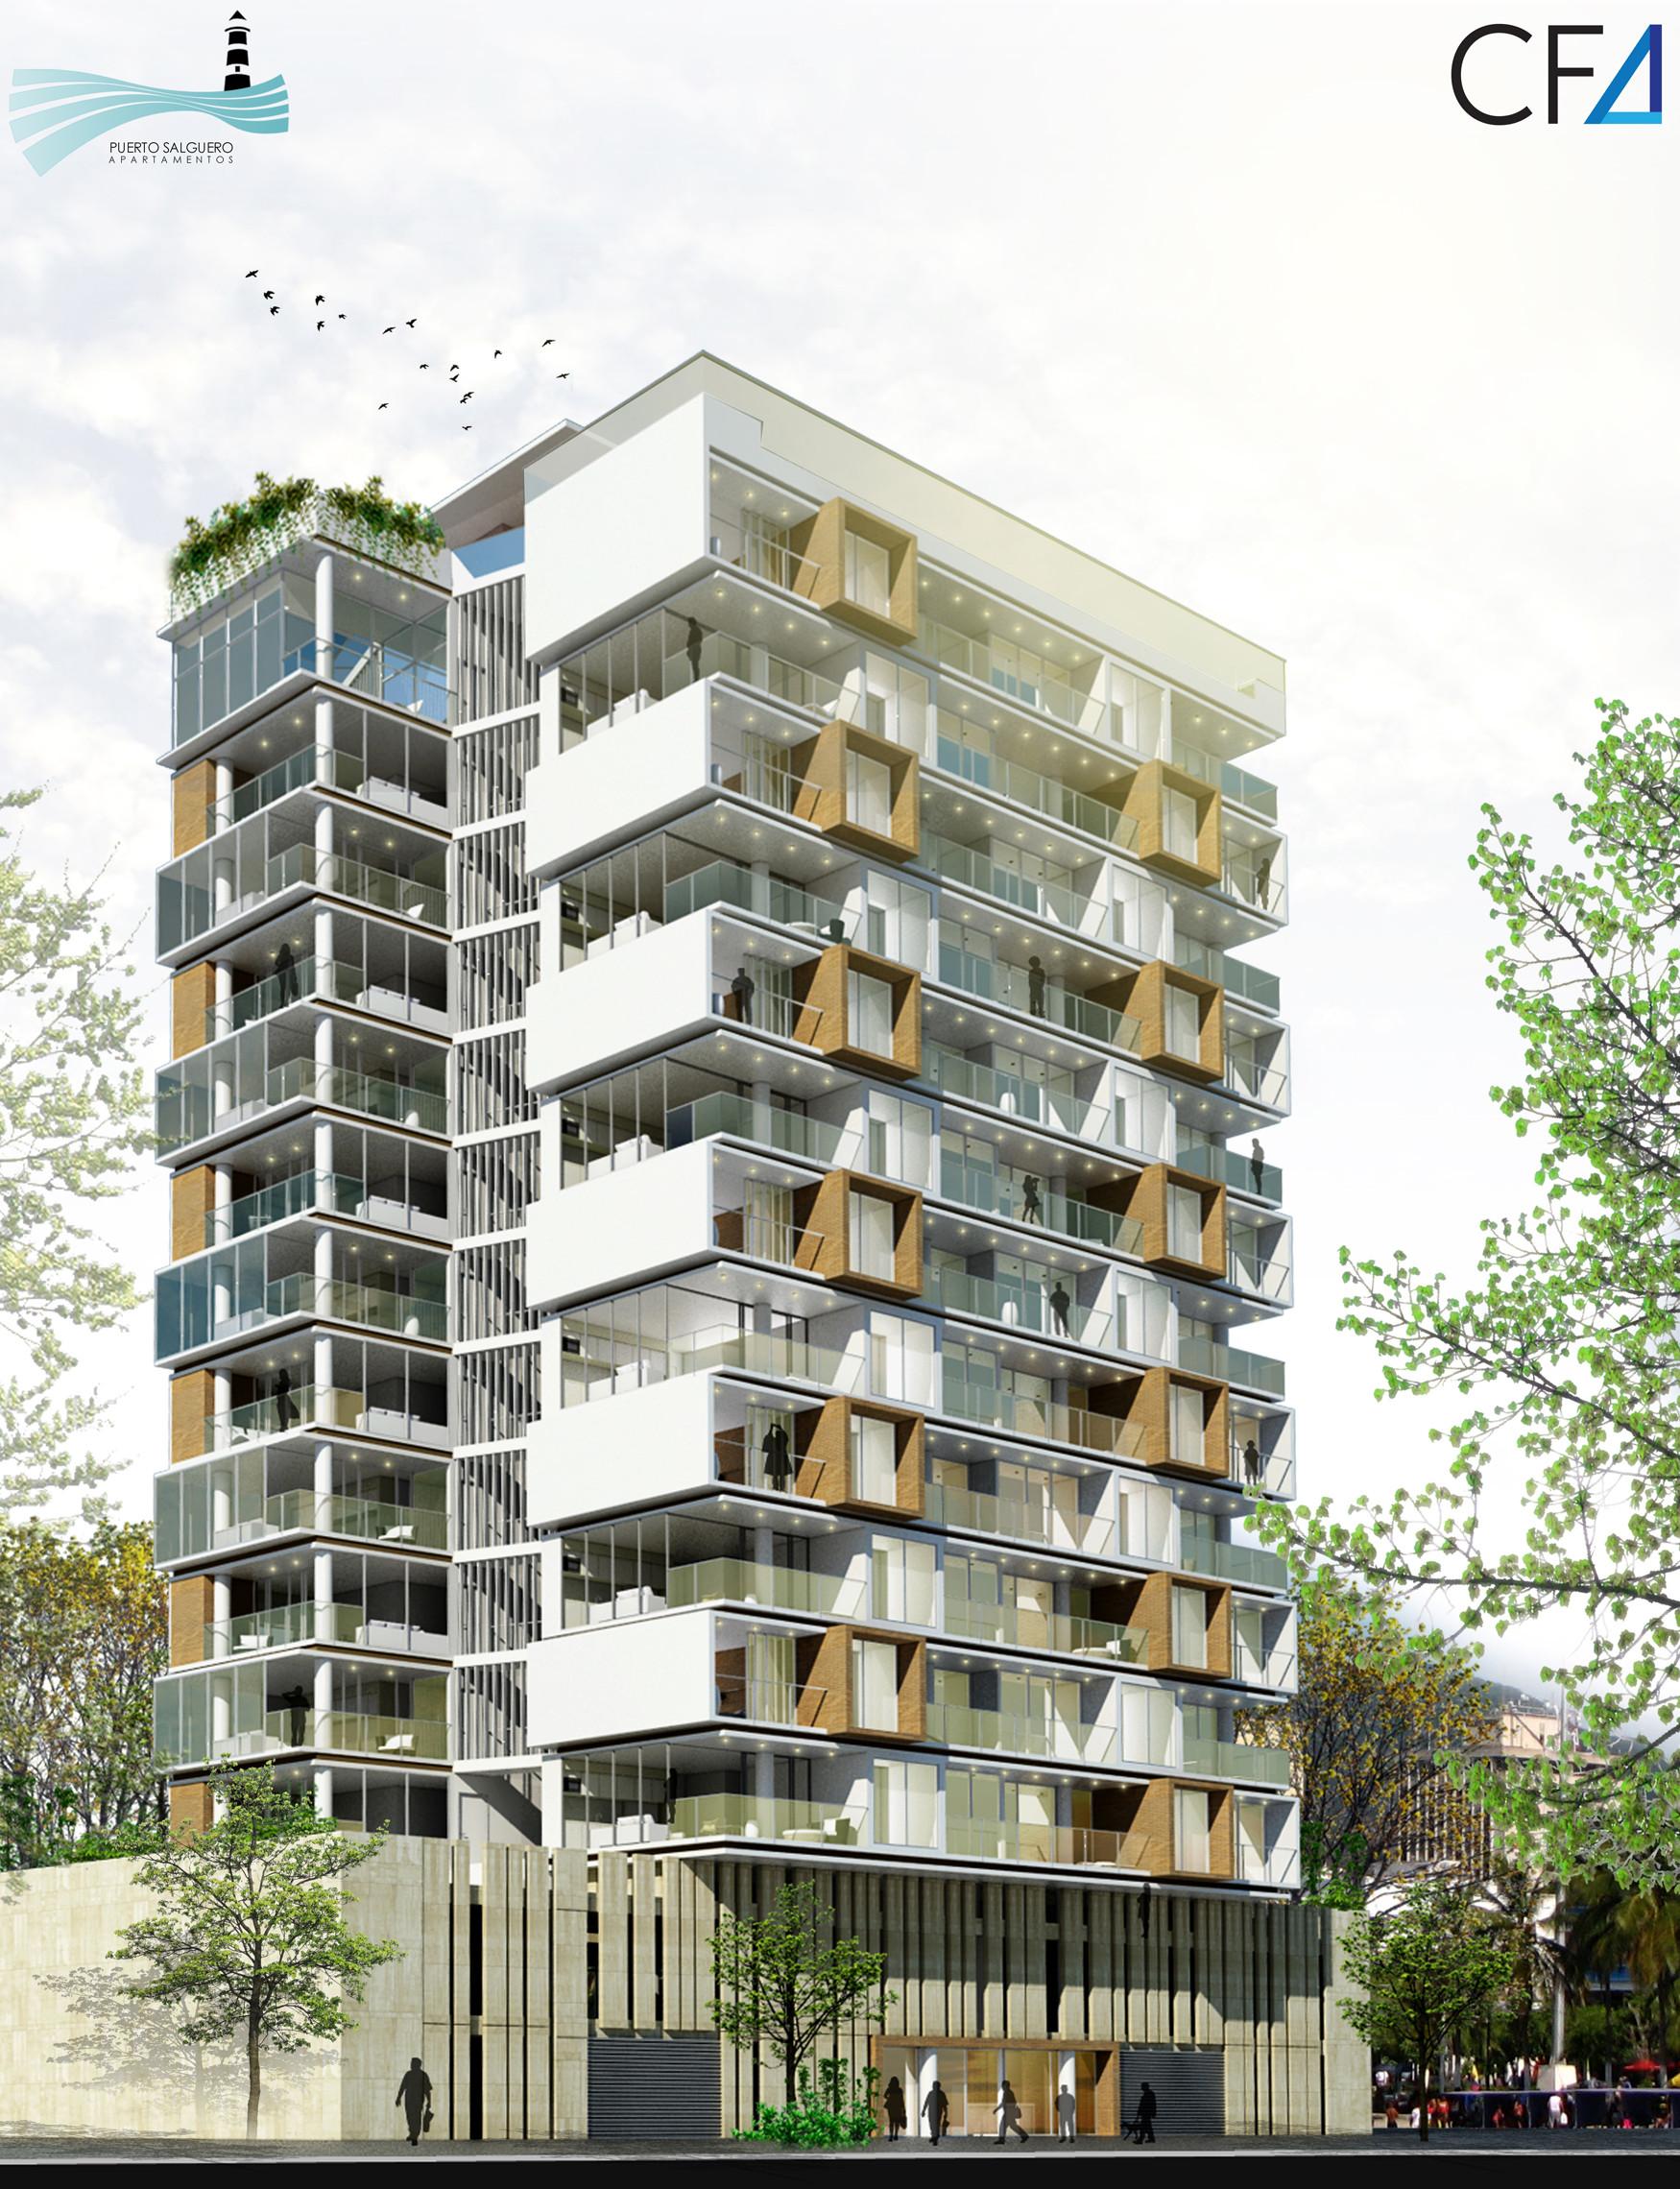 Cortesia de LGN Arquitectos + ContraFuerte Arquitectura